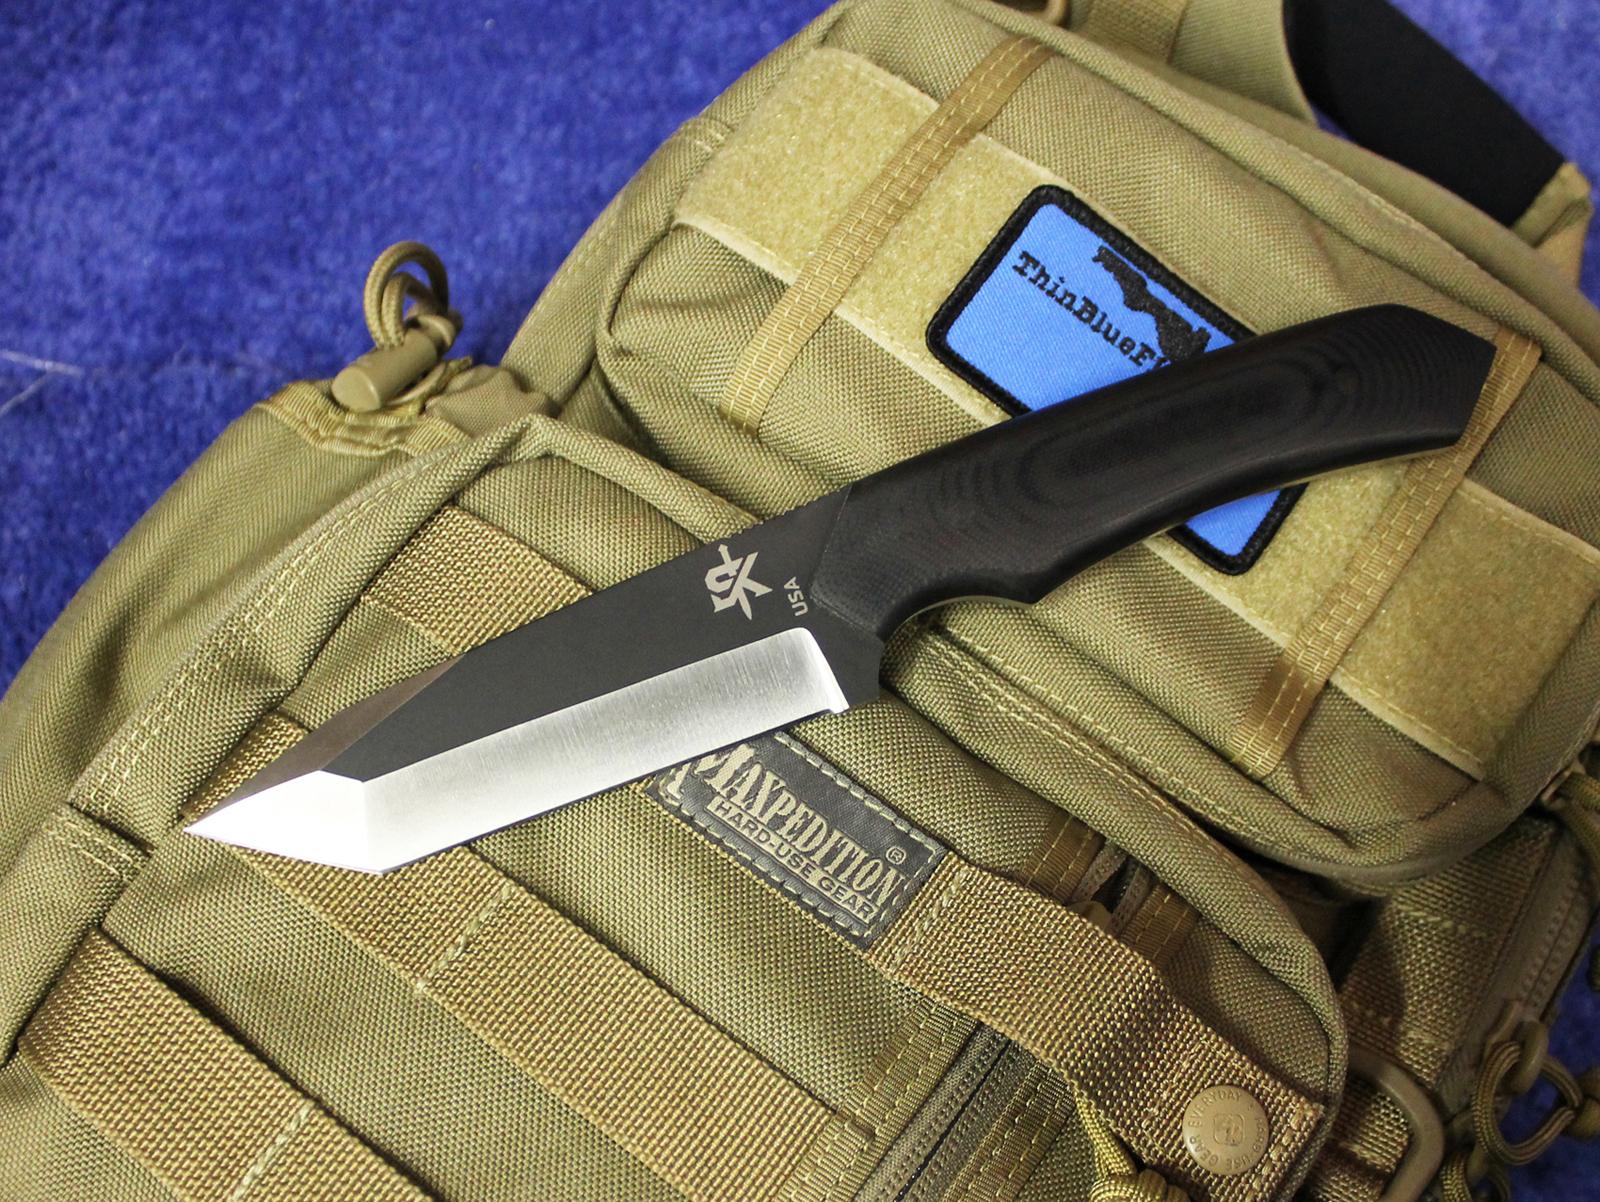 Schenk Knives